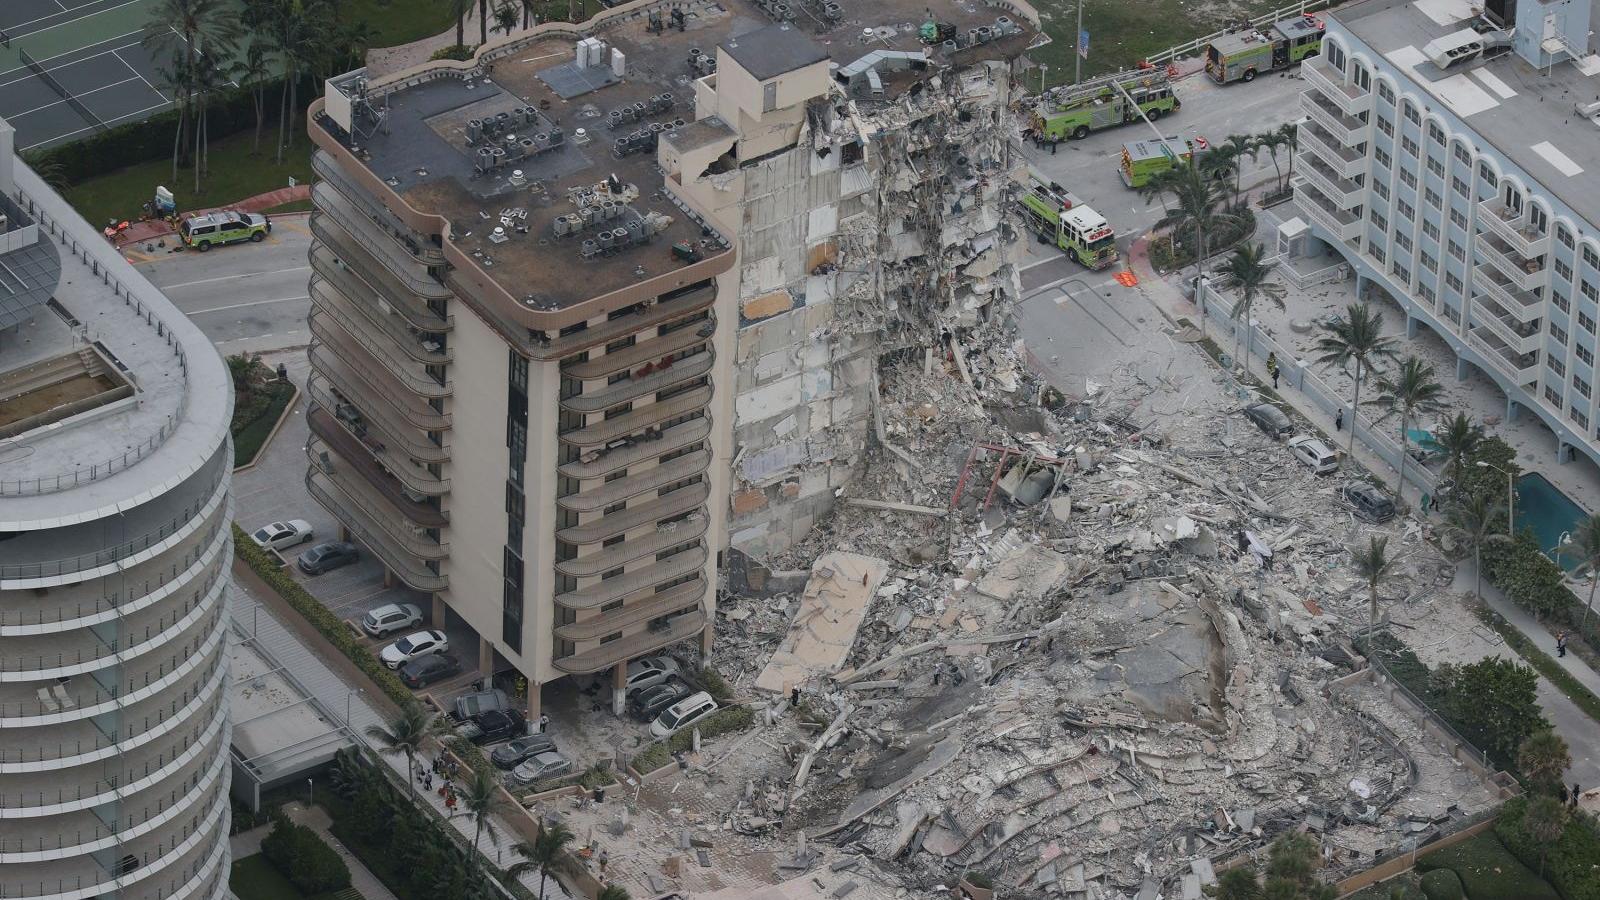 Khoảnh khắc kinh hoàng khi tòa chung cư 12 tầng ở Miami (Mỹ) sụp đổ